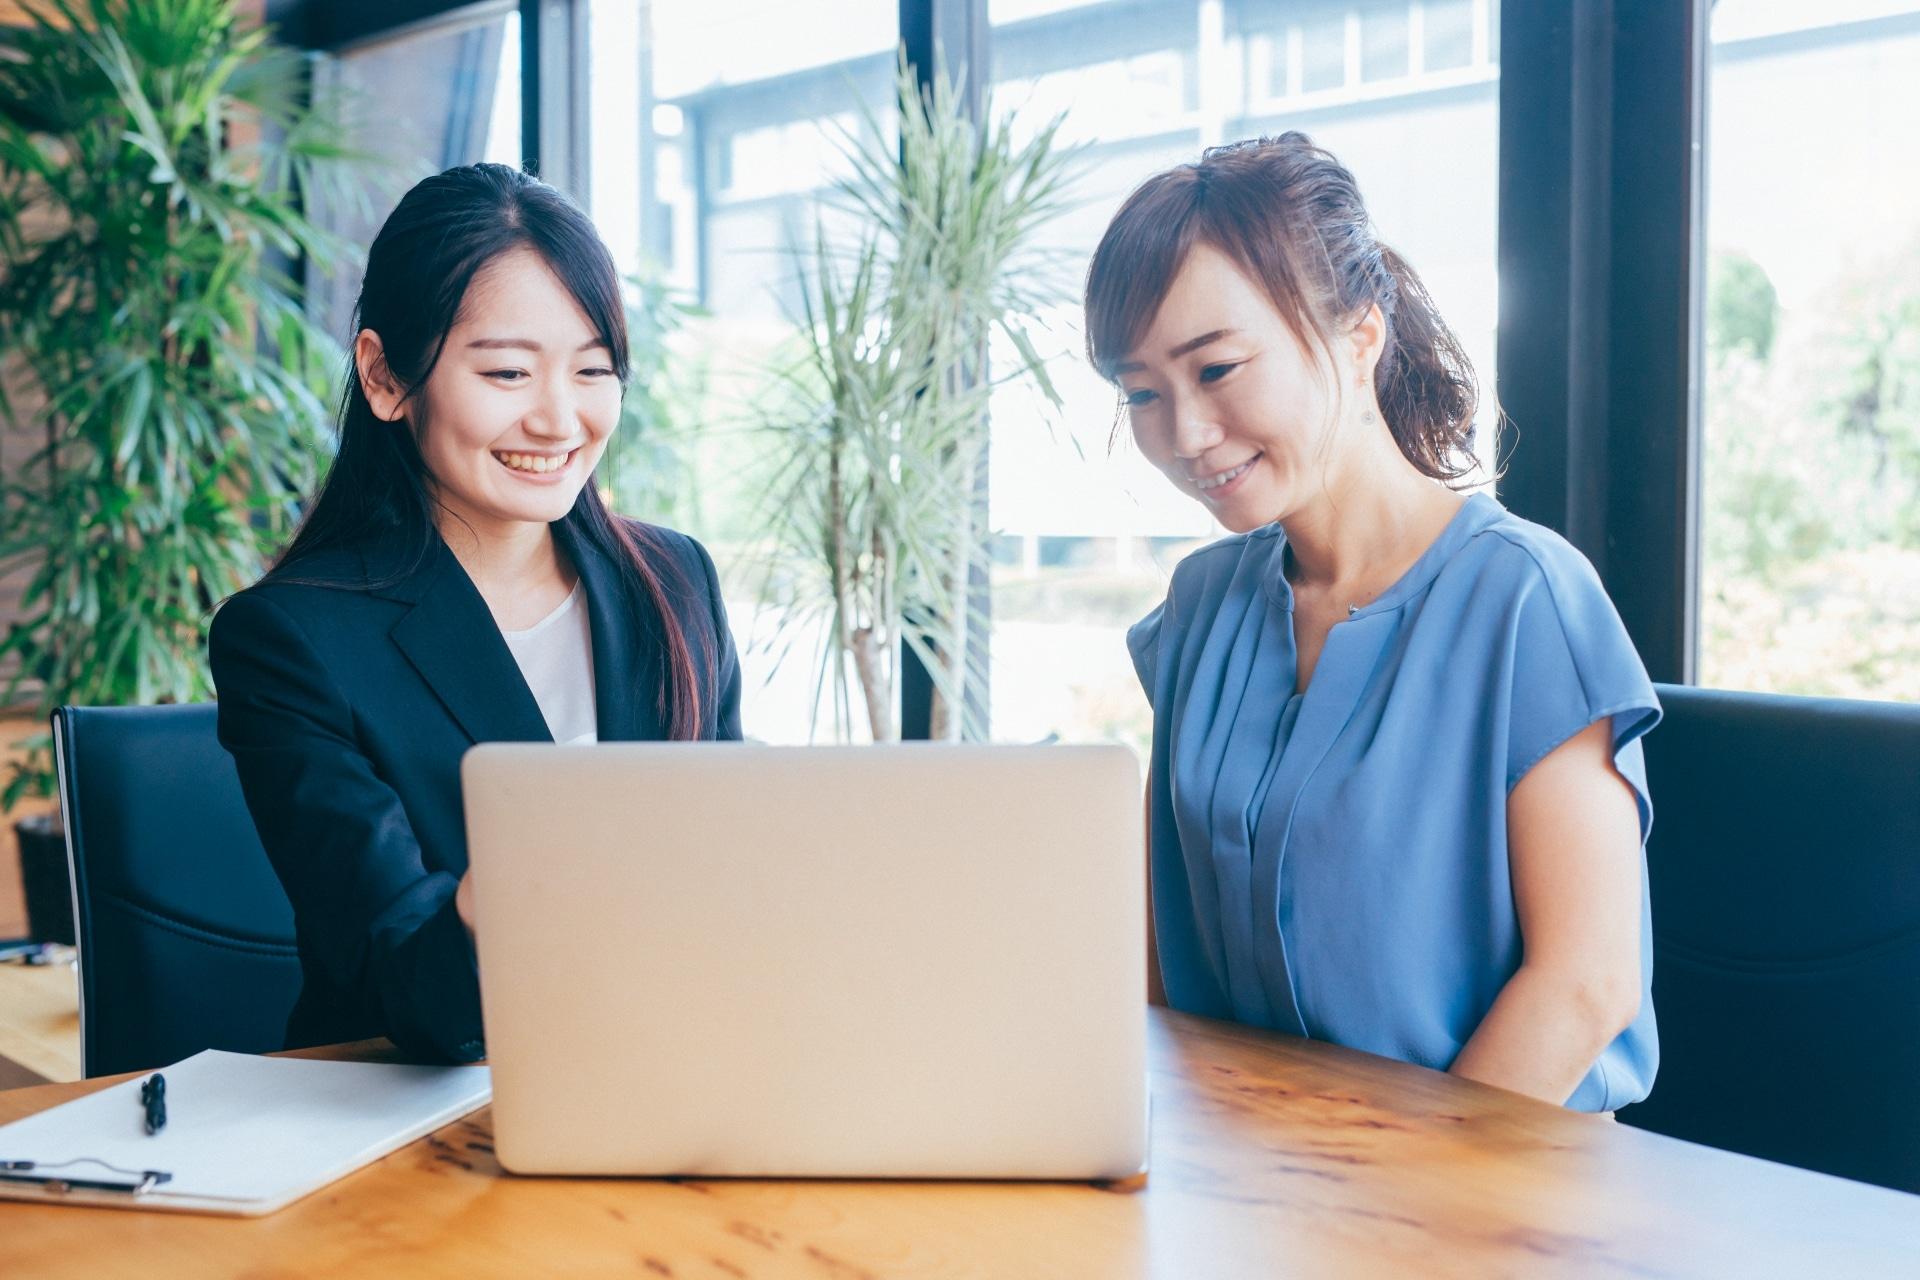 ノートパソコン、二人の女性